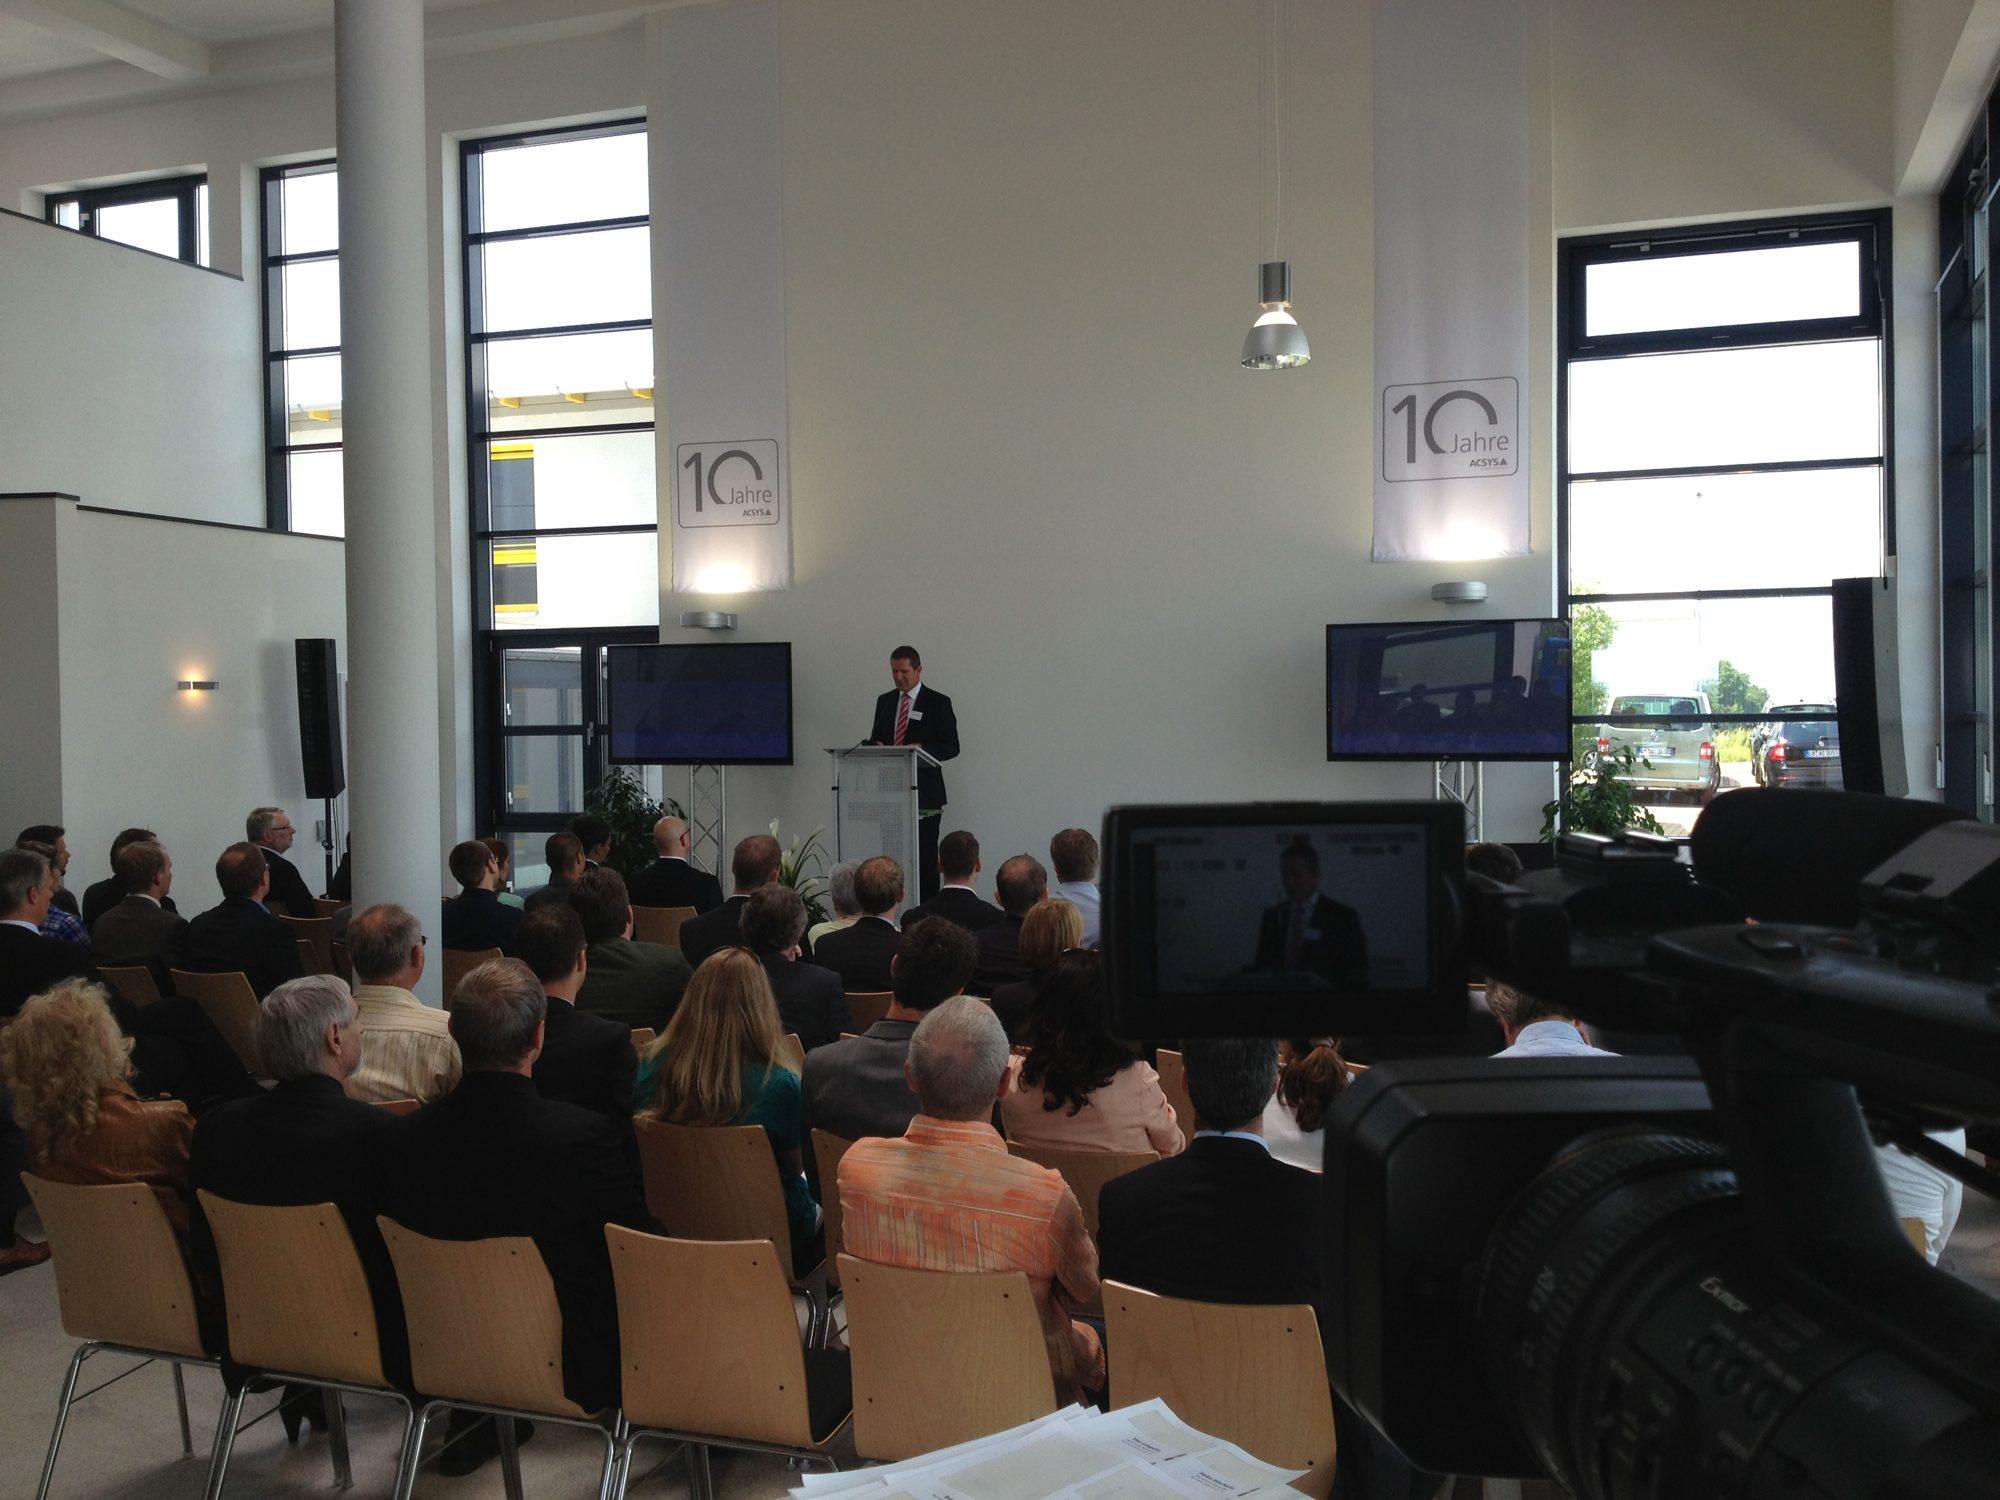 10 Jahre ACSYS Jubiläumsfeier in Mittweida